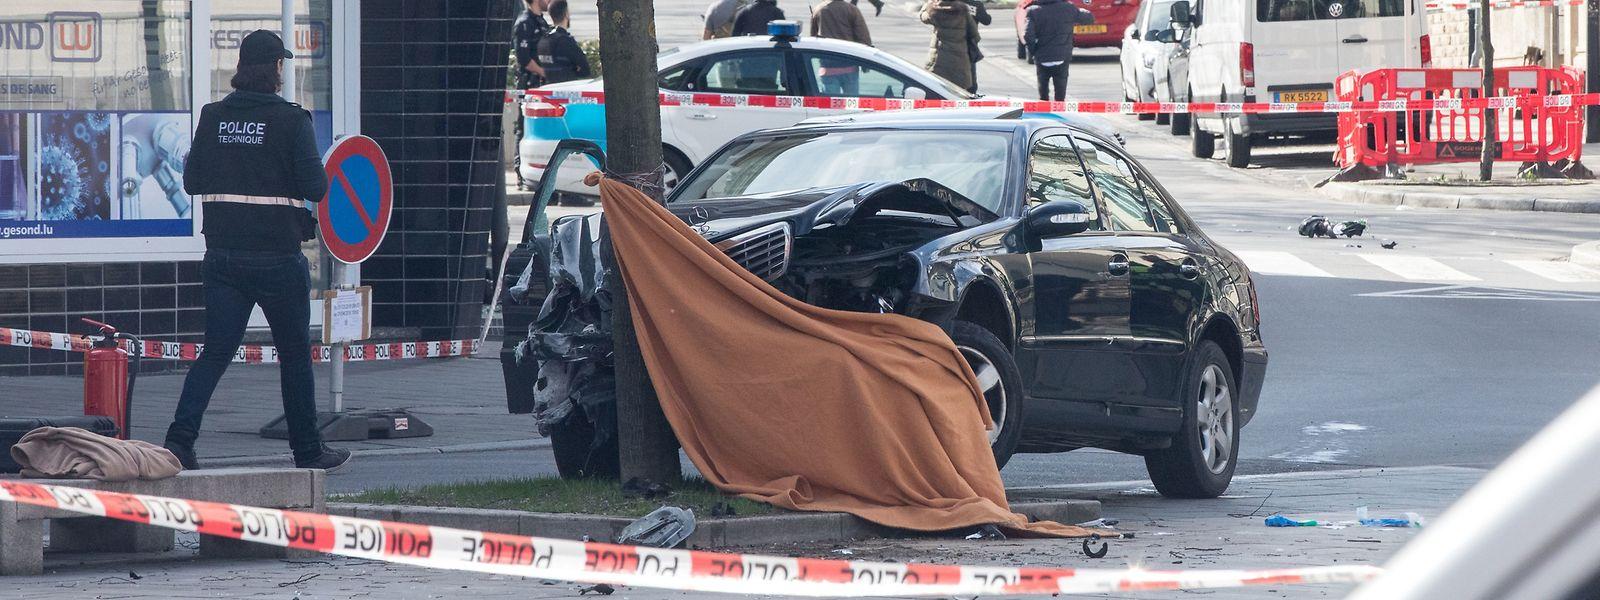 Das Fluchtauto kam am 11. April 2018 an der Place Léon XIII zum Stillstand.